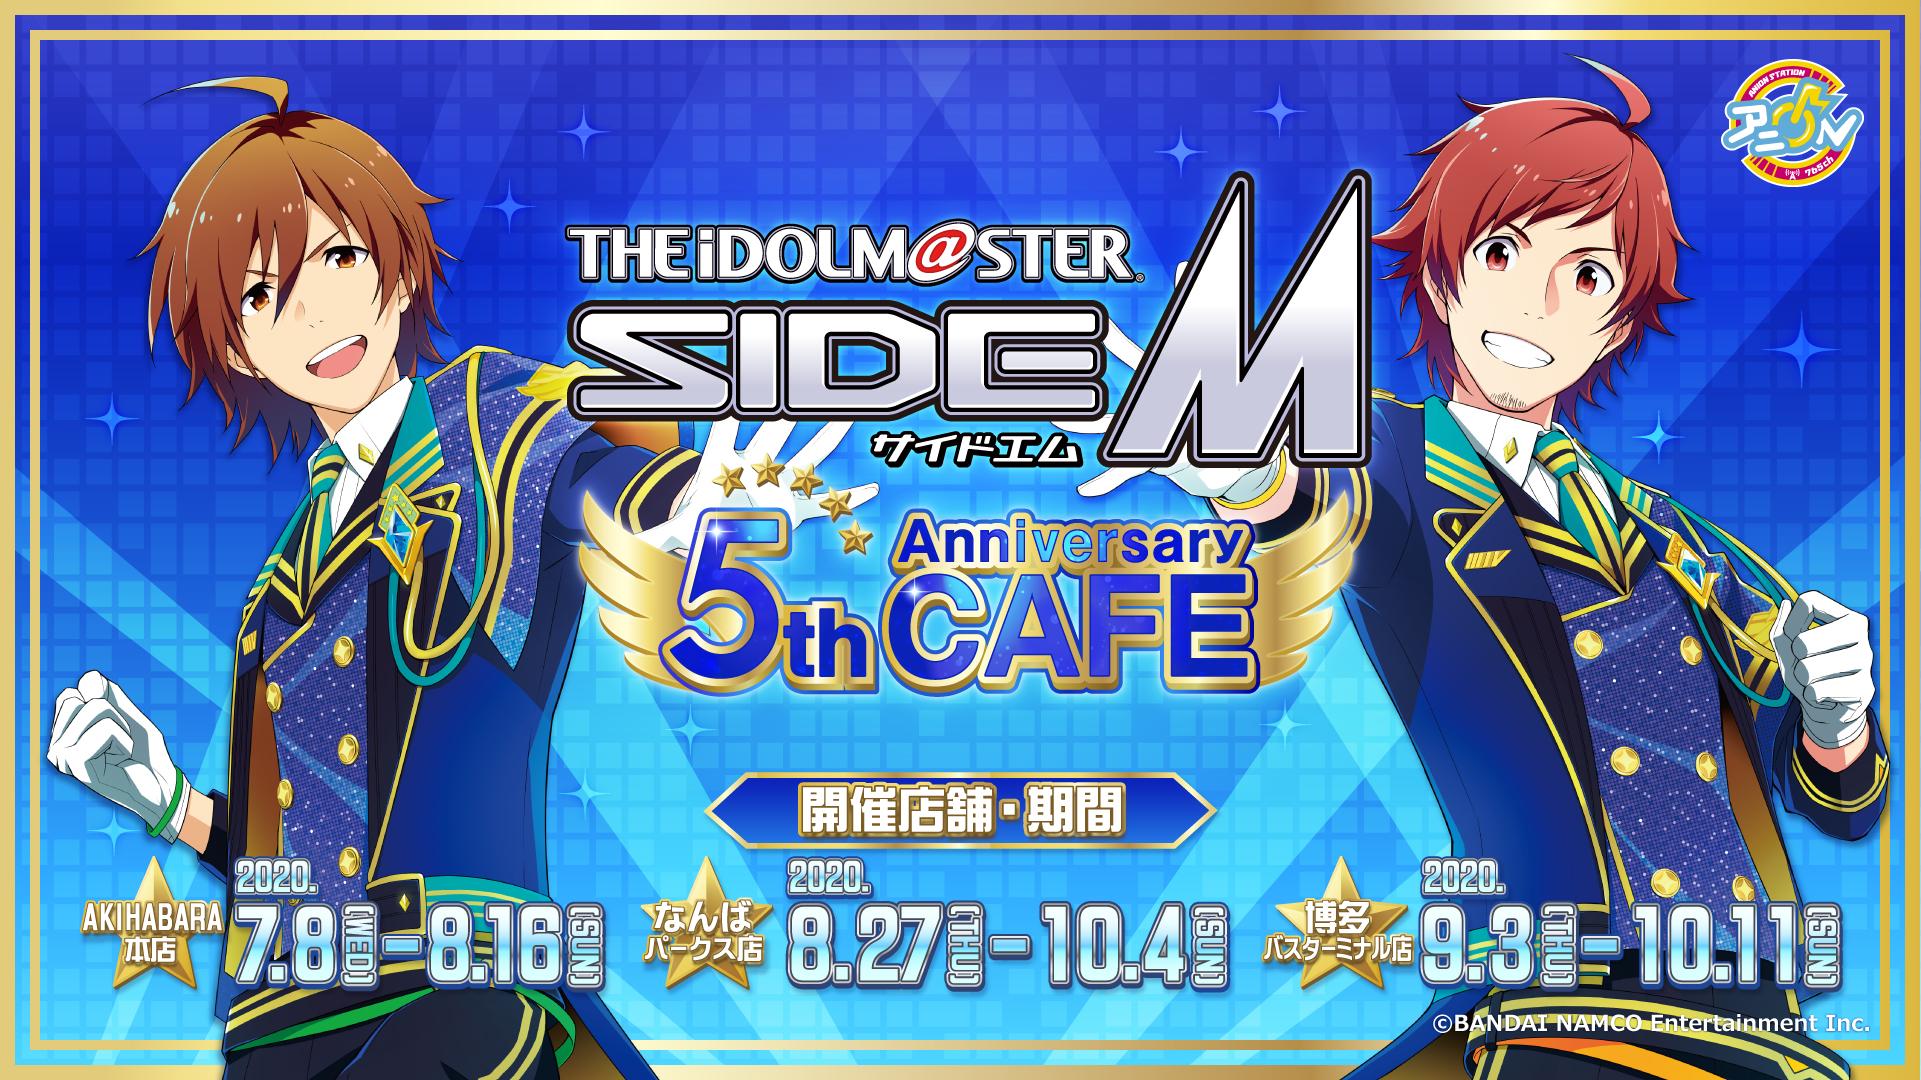 【9/19後期通常プラン なんばパークス店】アイドルマスター SideM 5th Anniversary CAFE